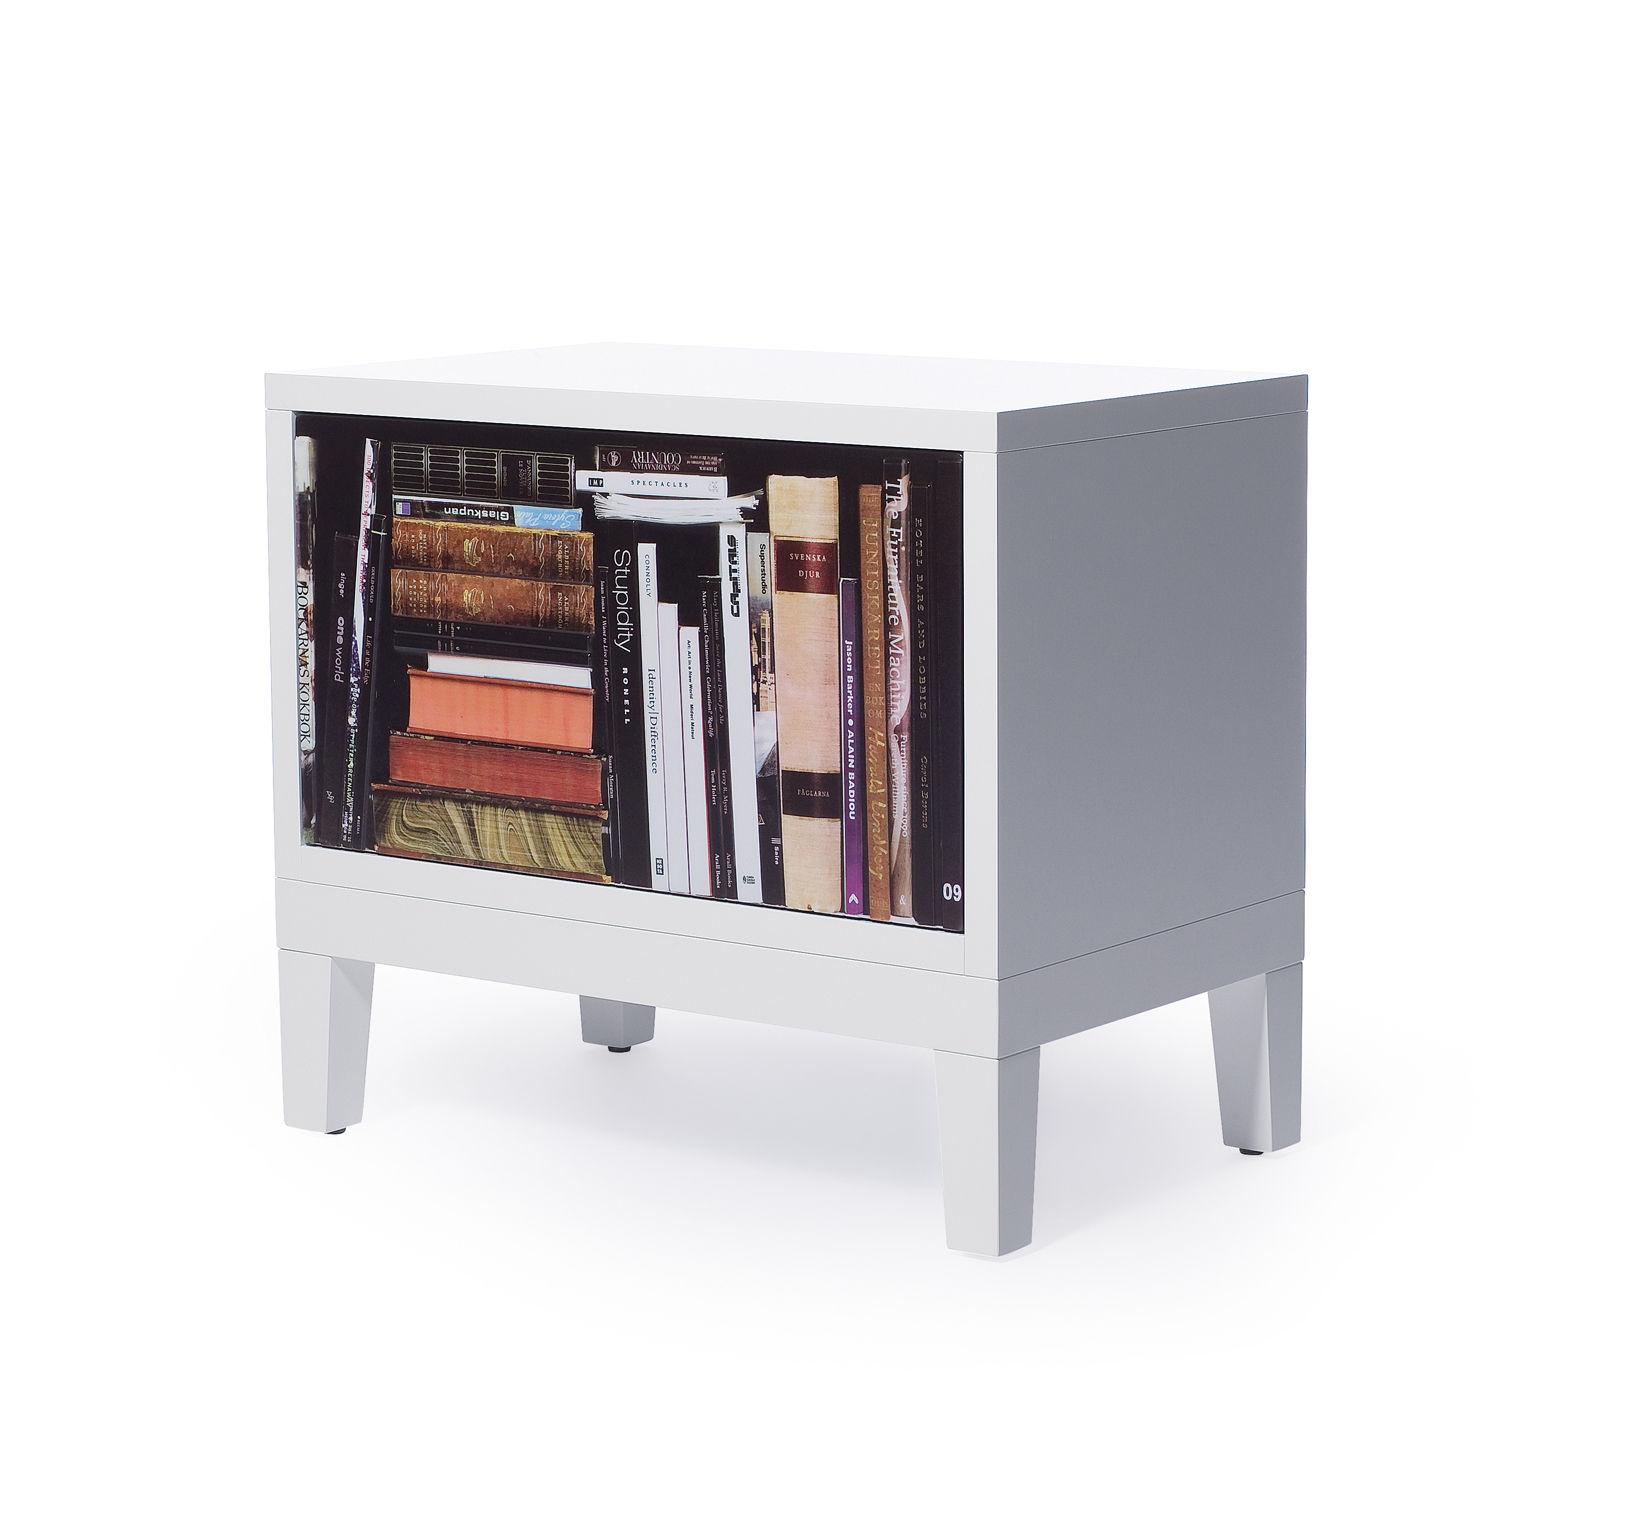 bookshelf bedside table side table bedside white